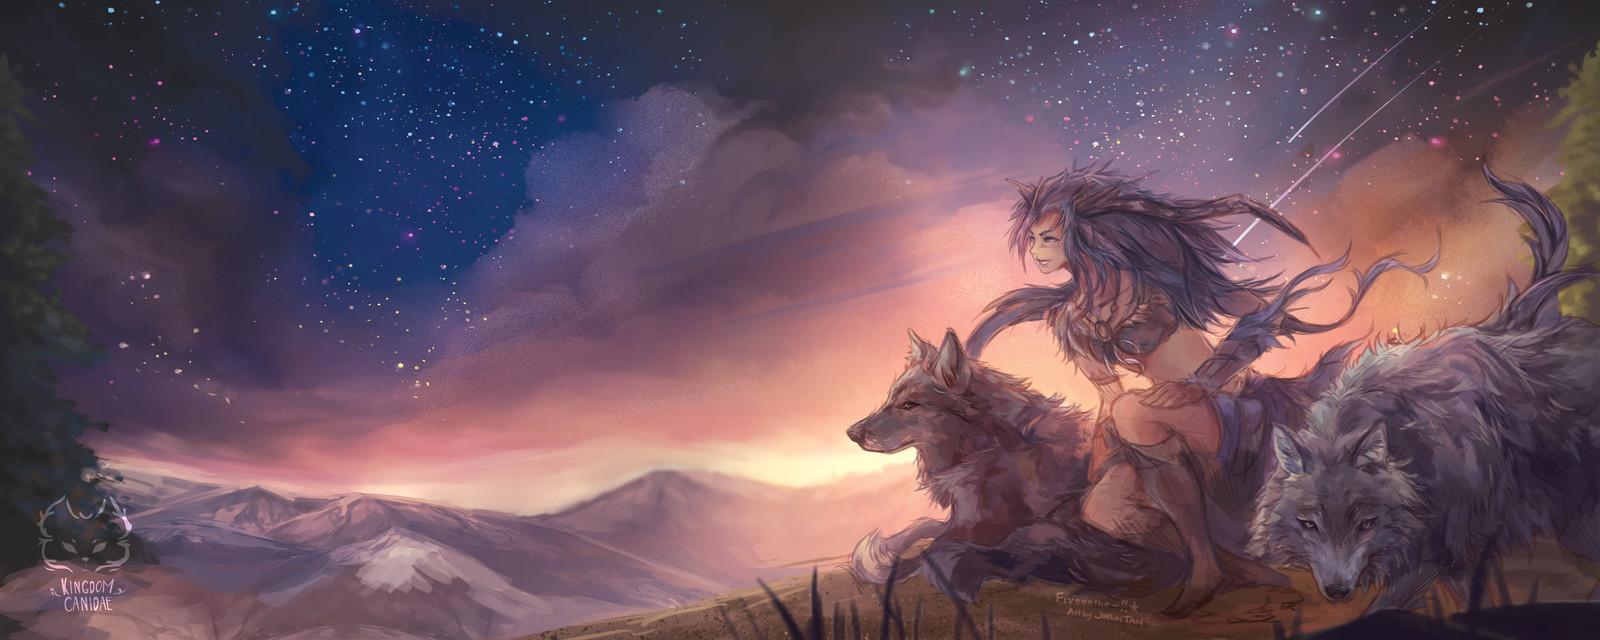 Kingdom Canidae: Grey Wolf